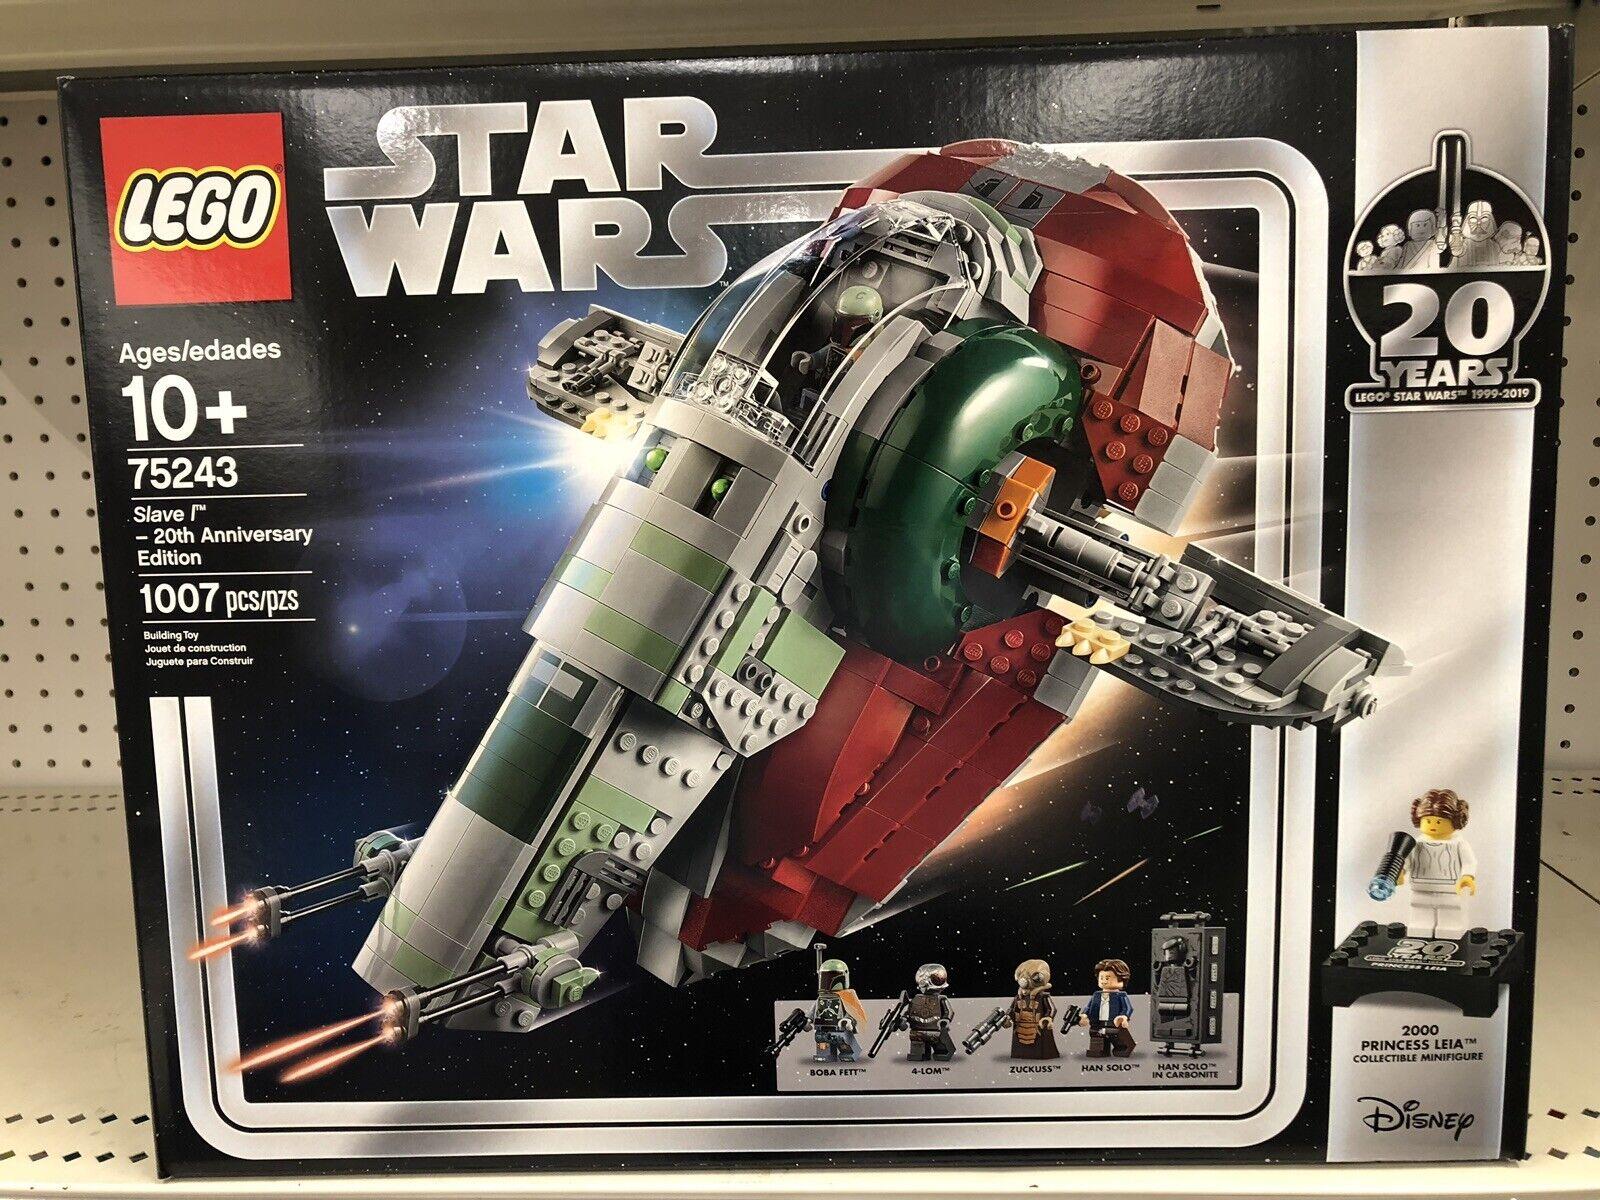 I HAND 2019 LEGO stjärna VAROR SLAVE I 20TH ANIVERSINFORDNING 75243 FAKTORN